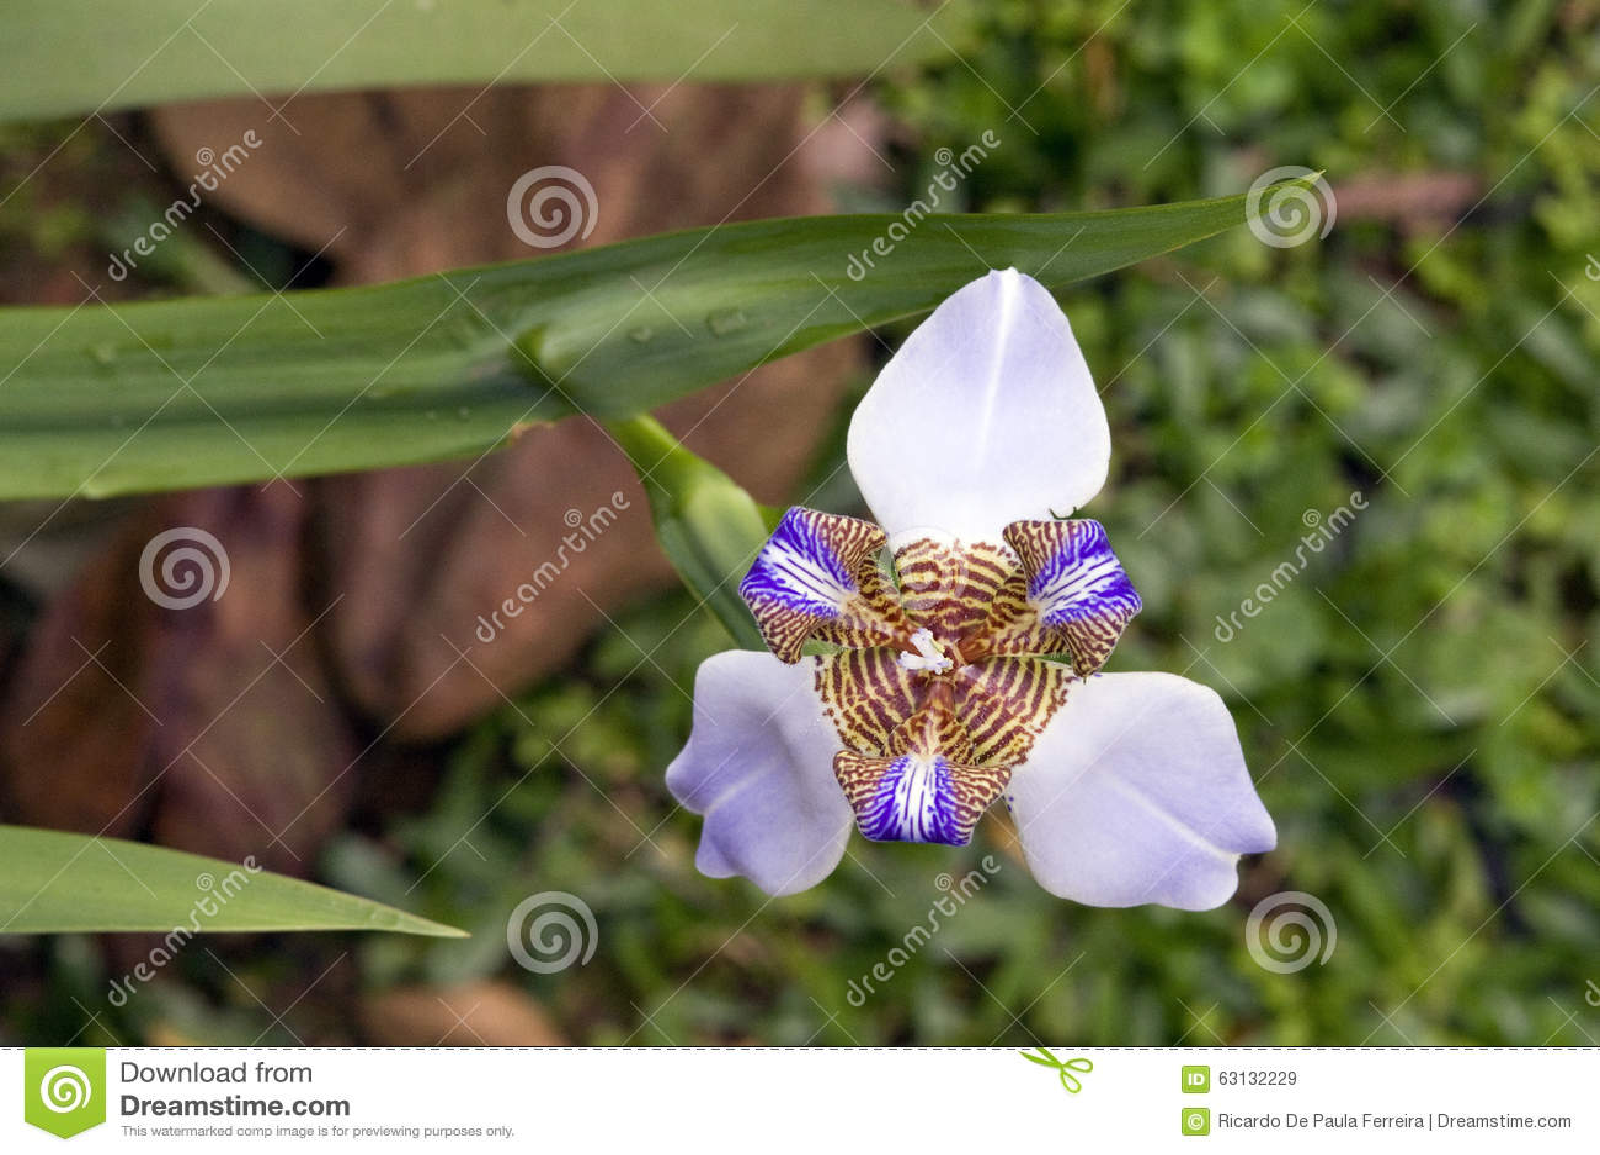 Walking iris or apostles iris brazilian flower widely used in walking iris or apostle s iris brazilian flower widely used in izmirmasajfo